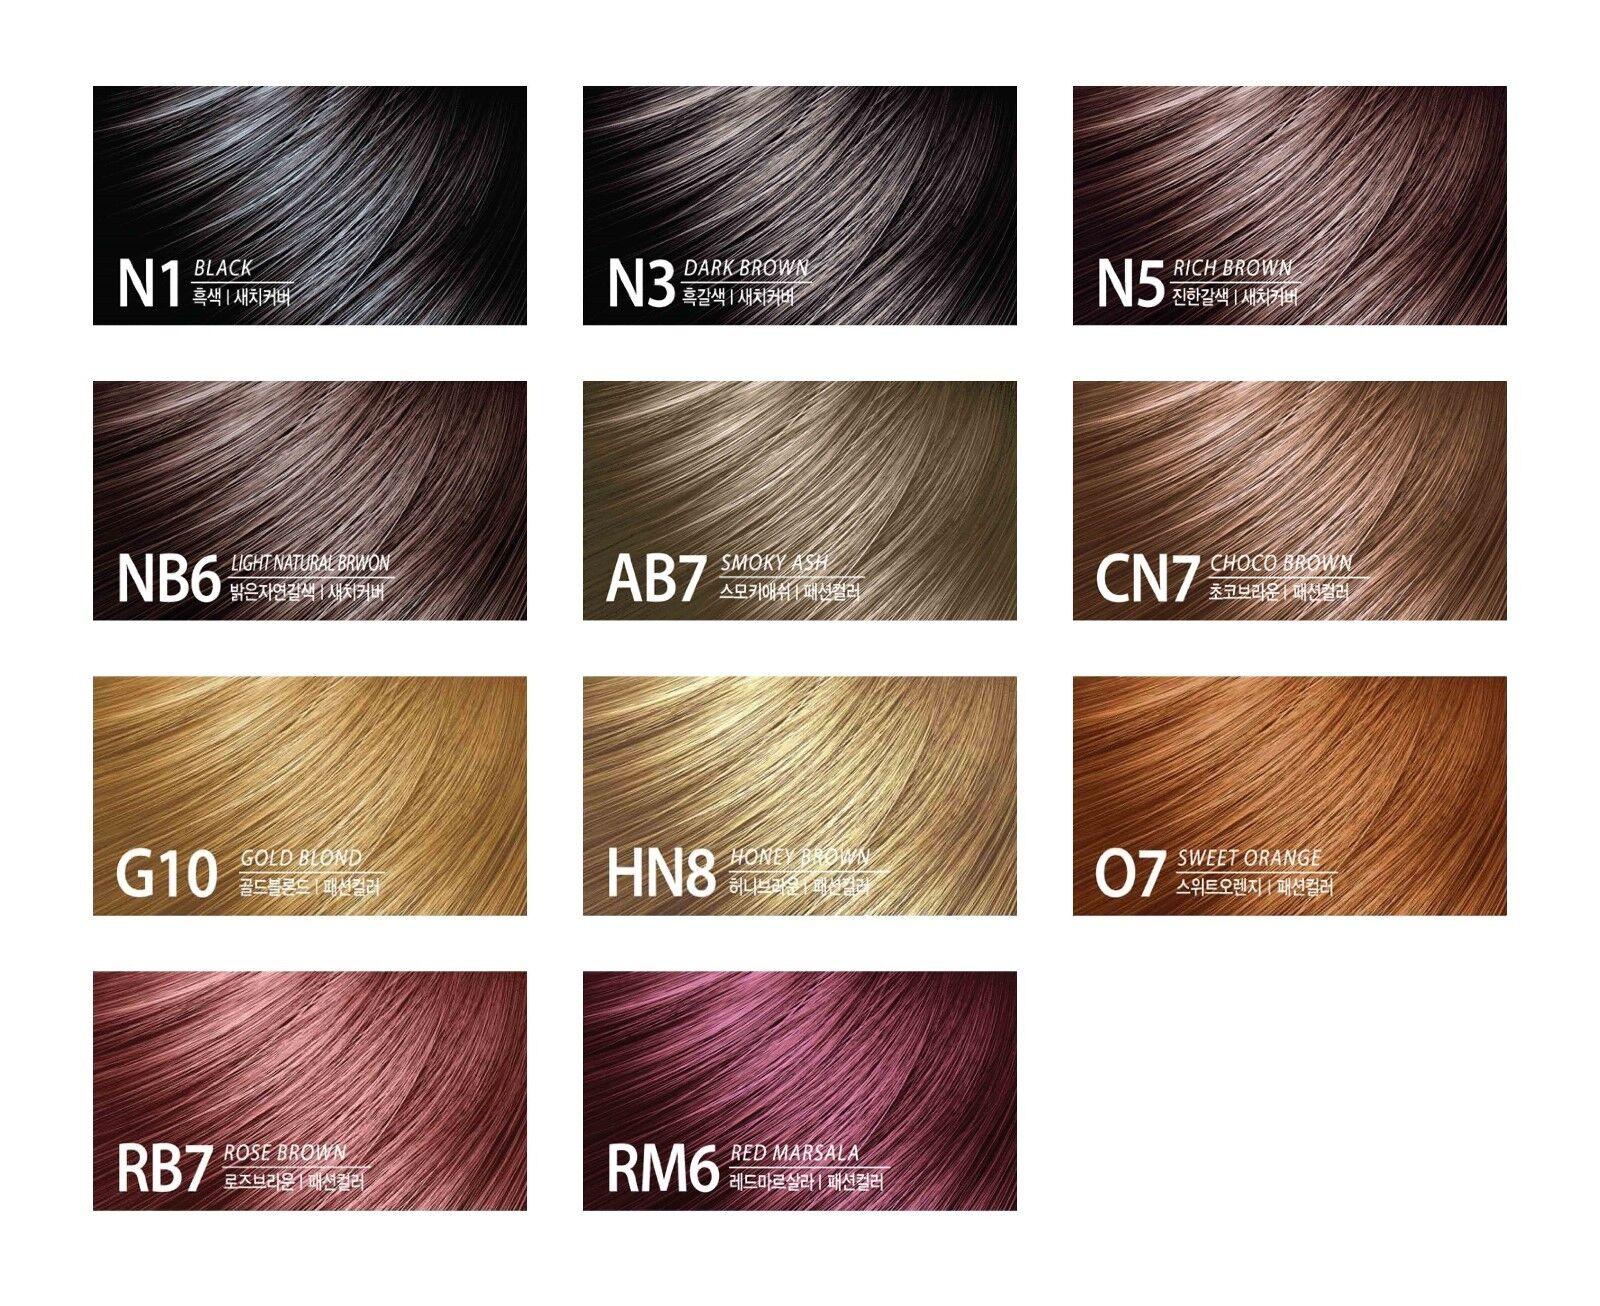 Somang Flor De Man Wonder Flower Hair Color Rb7 Rose Brown